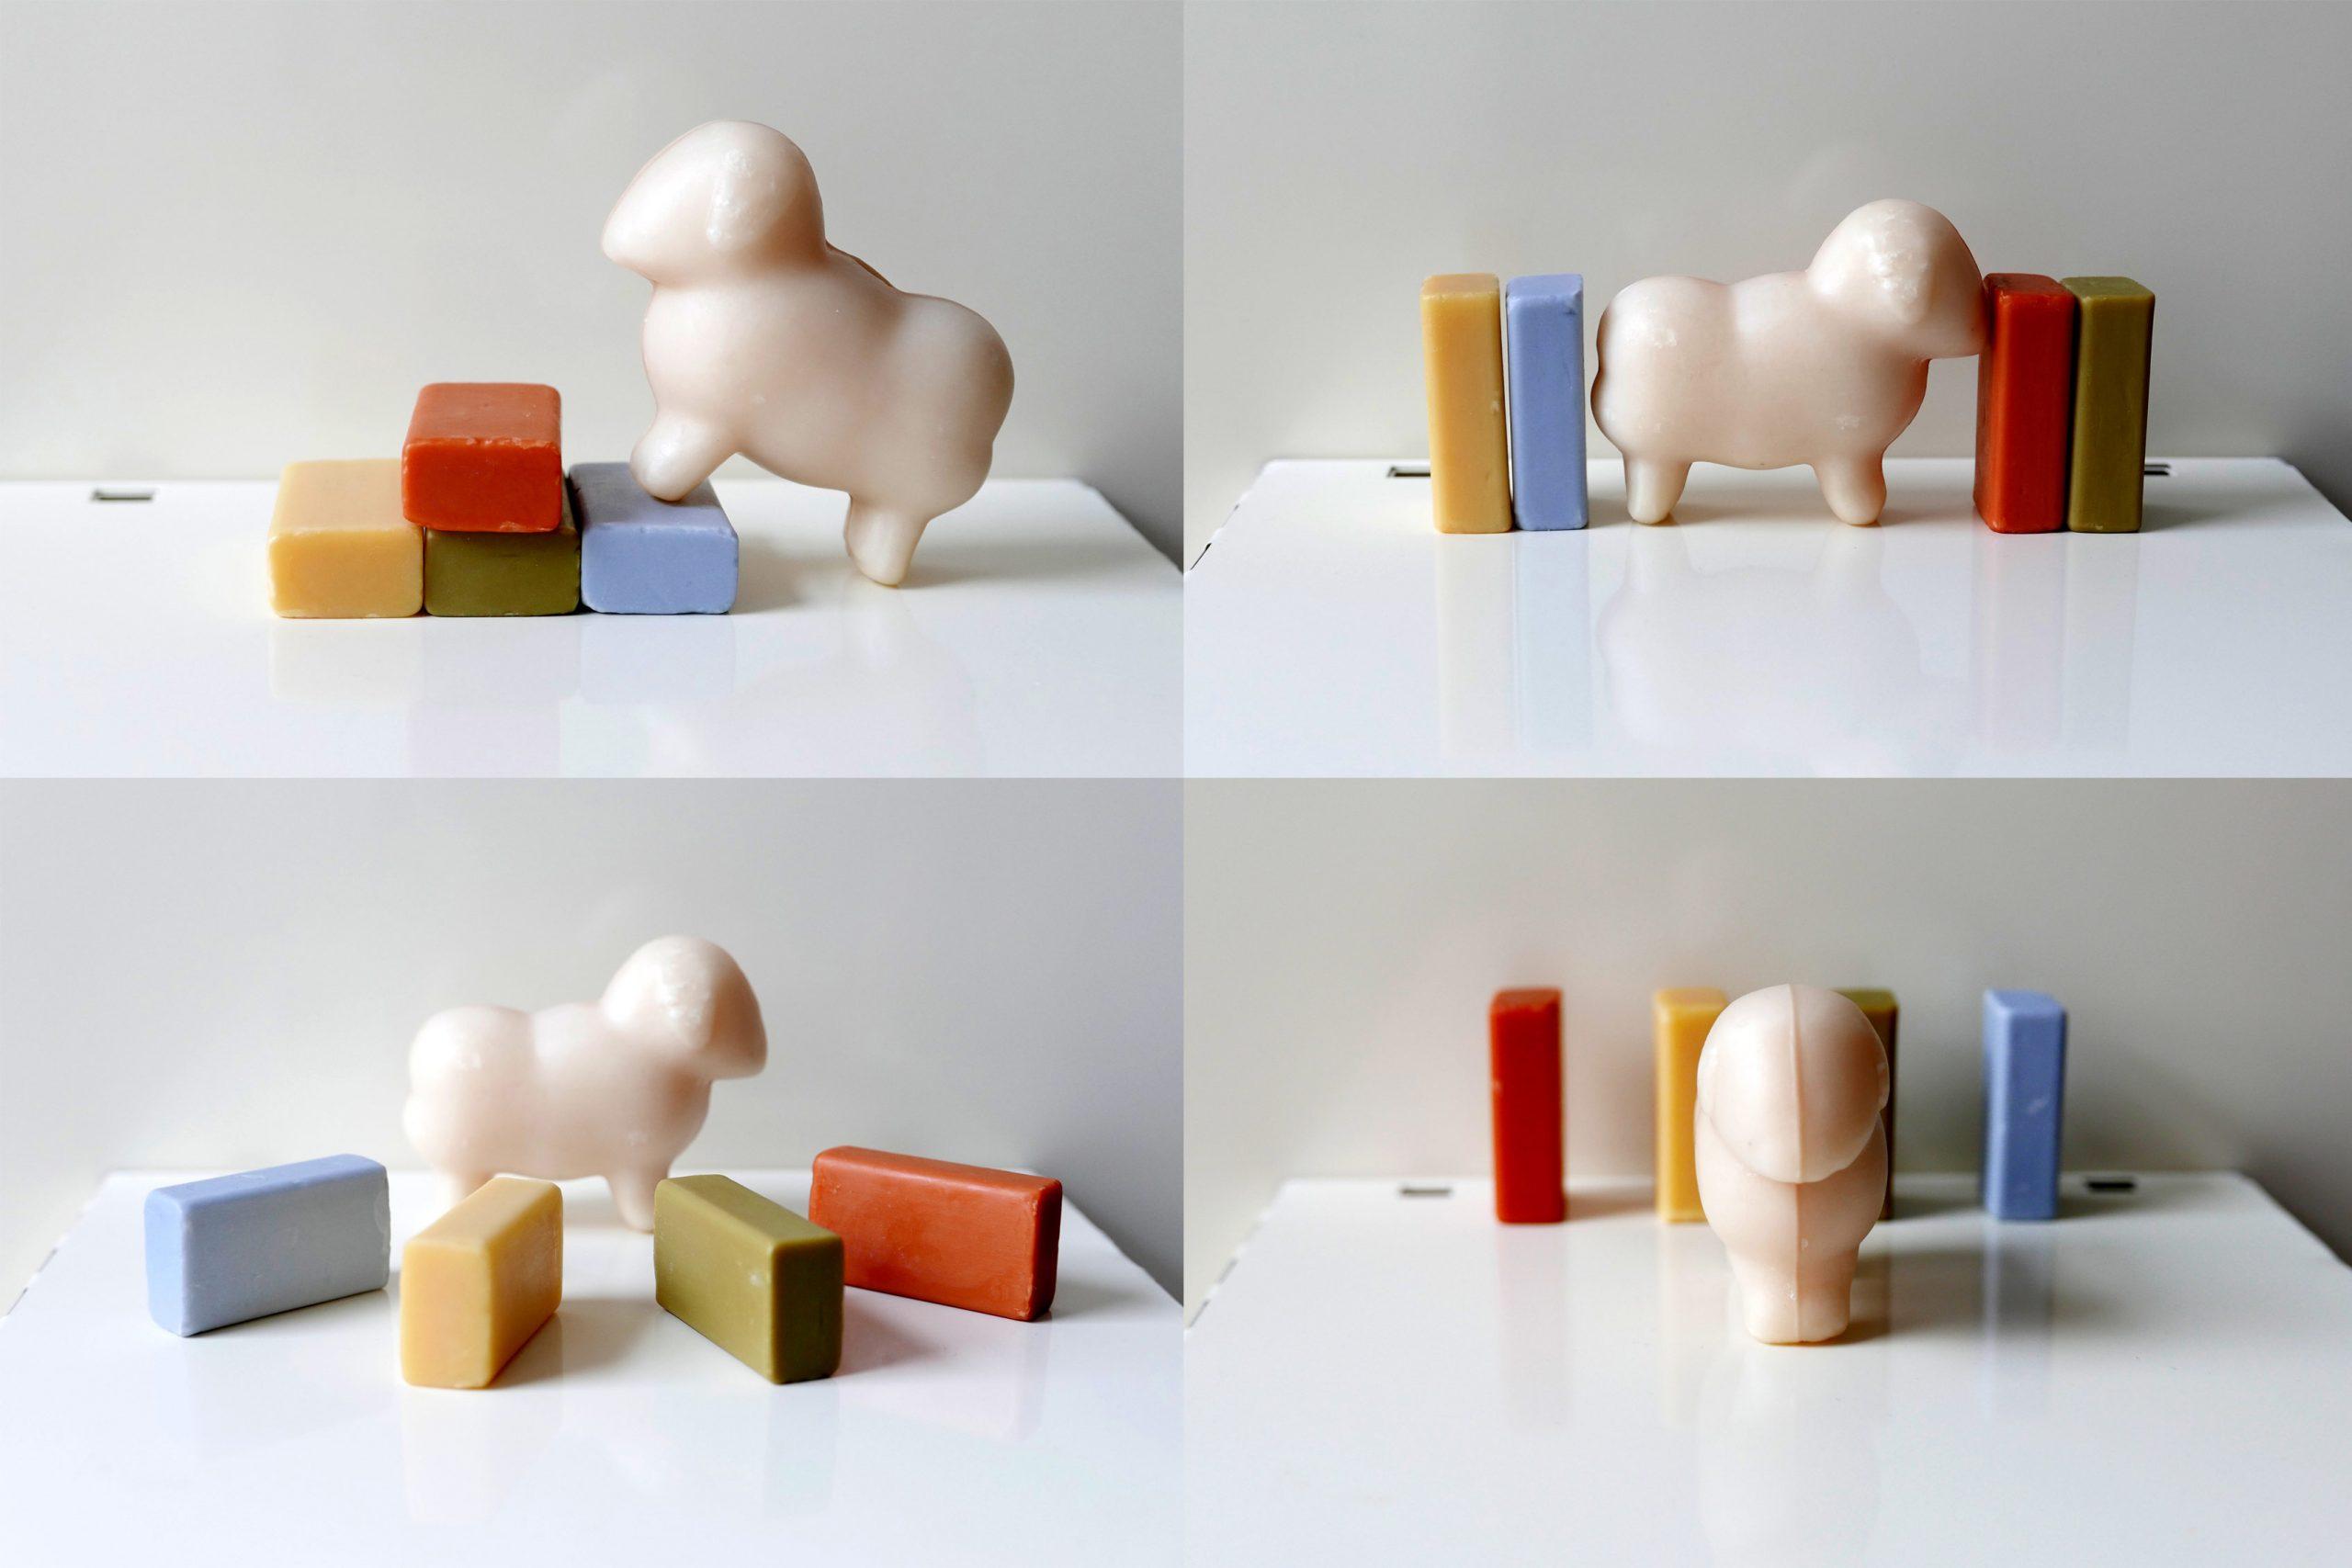 Bilder verschiedener Kompositionen von Schafsmilchseifen, Schaf und Bauklötze